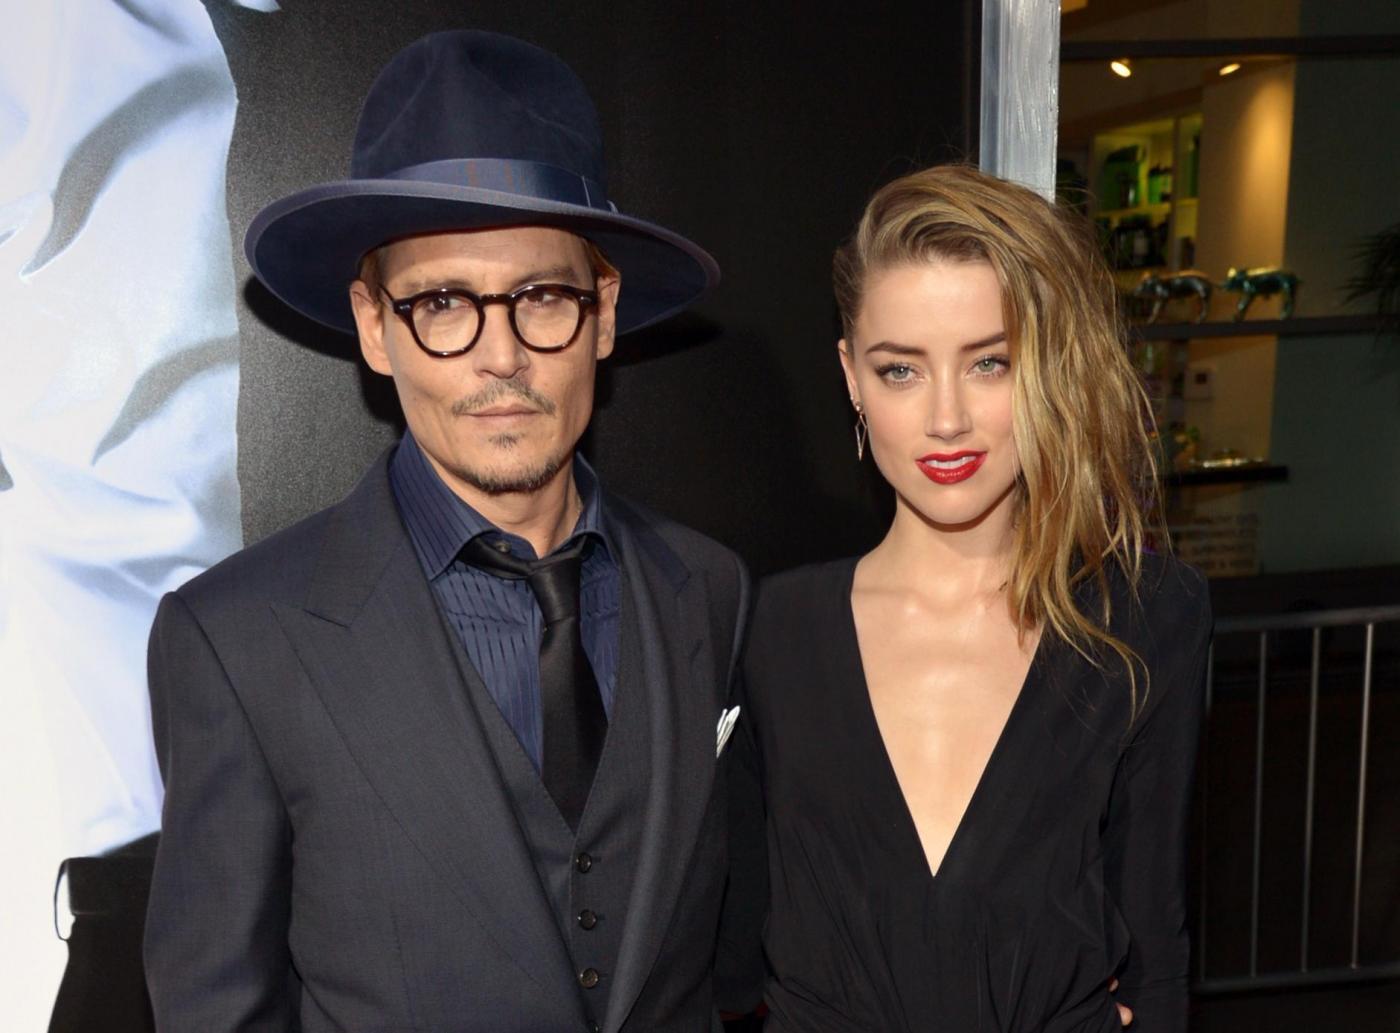 Johnny Depp e Amber Heard sposi: possibile matrimonio a Capodanno